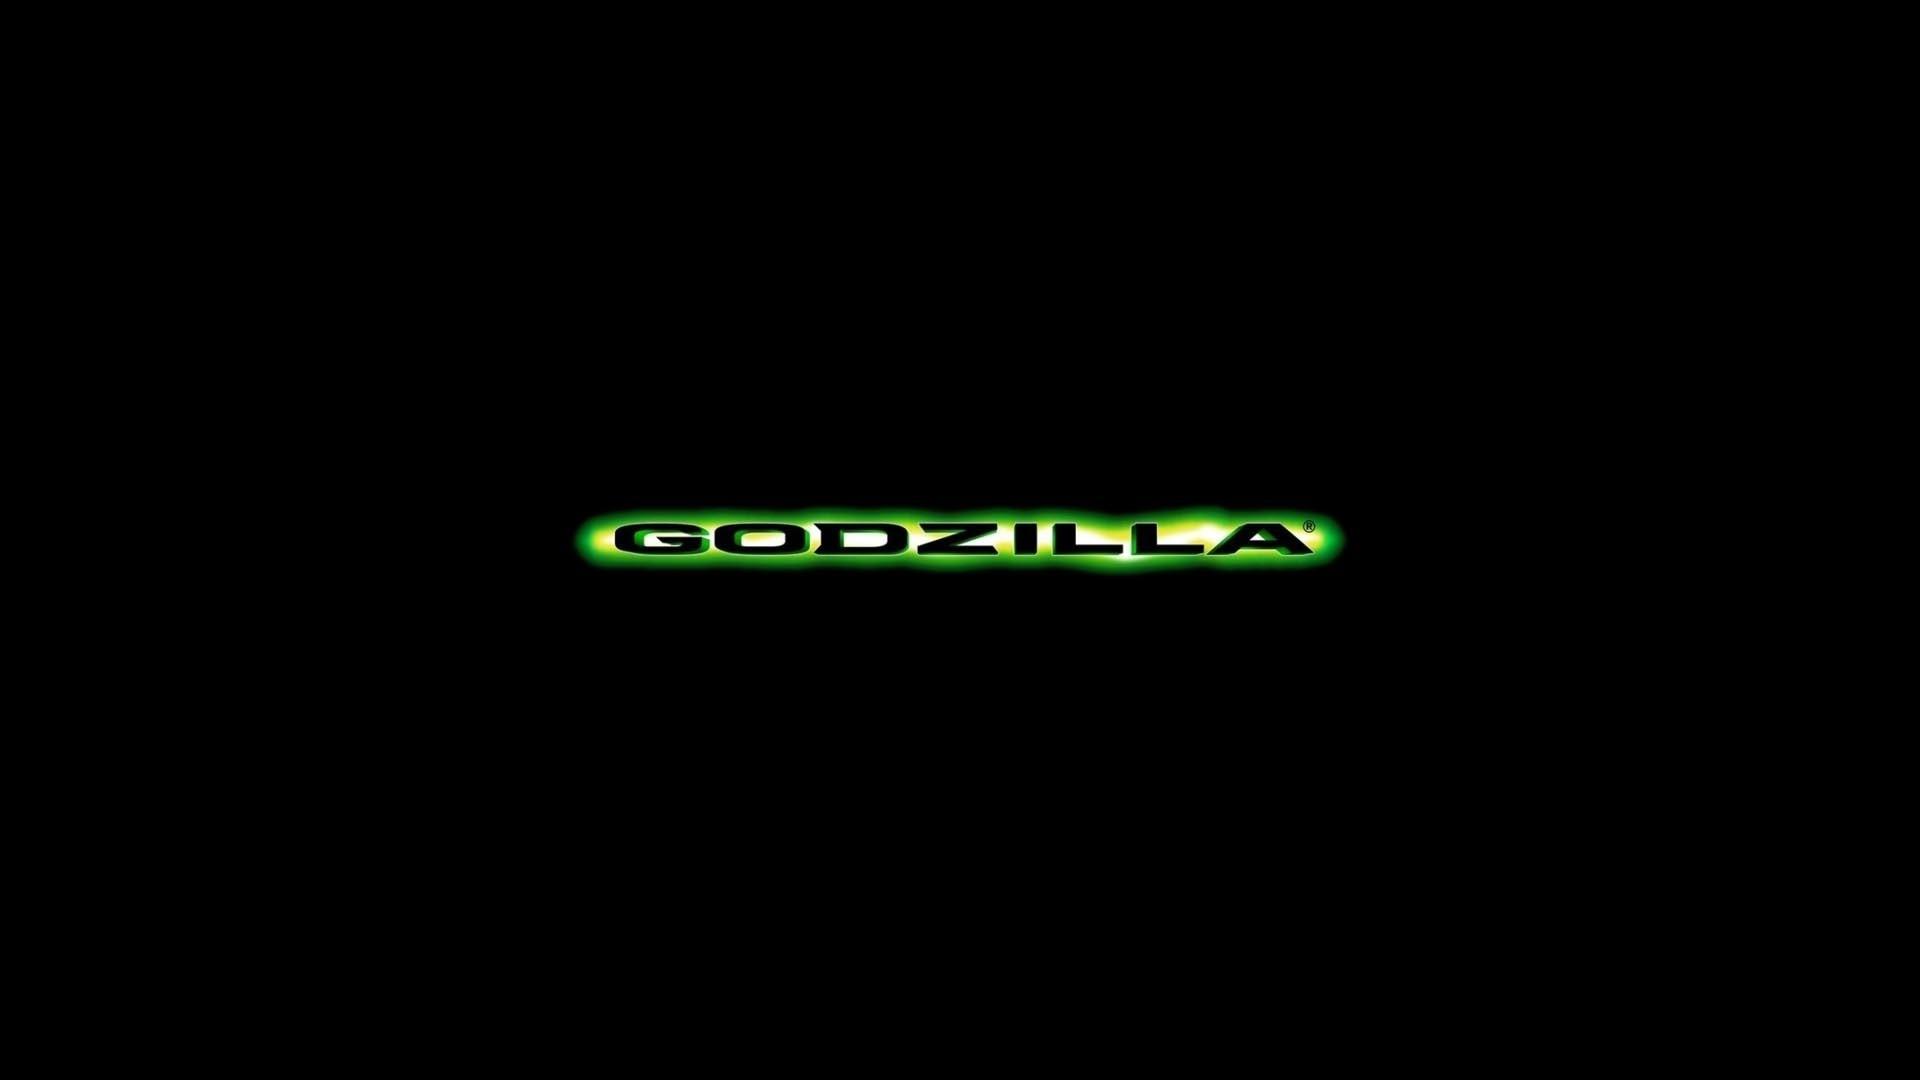 #1641719, godzilla 1998 category – Full size godzilla 1998 pic